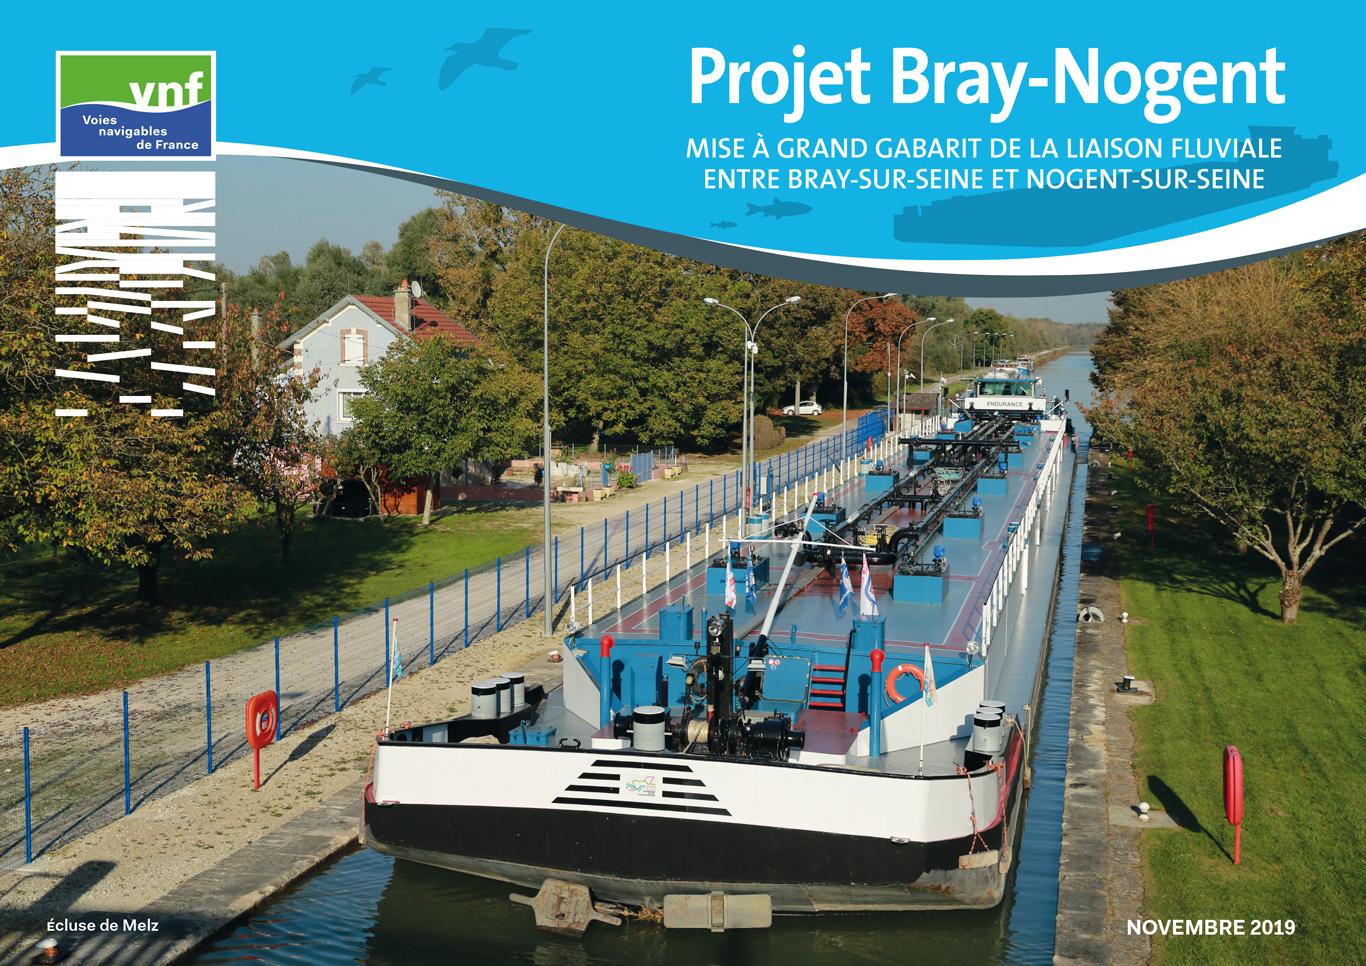 VNF-Bray-Nogent-Plaquette-2019-1